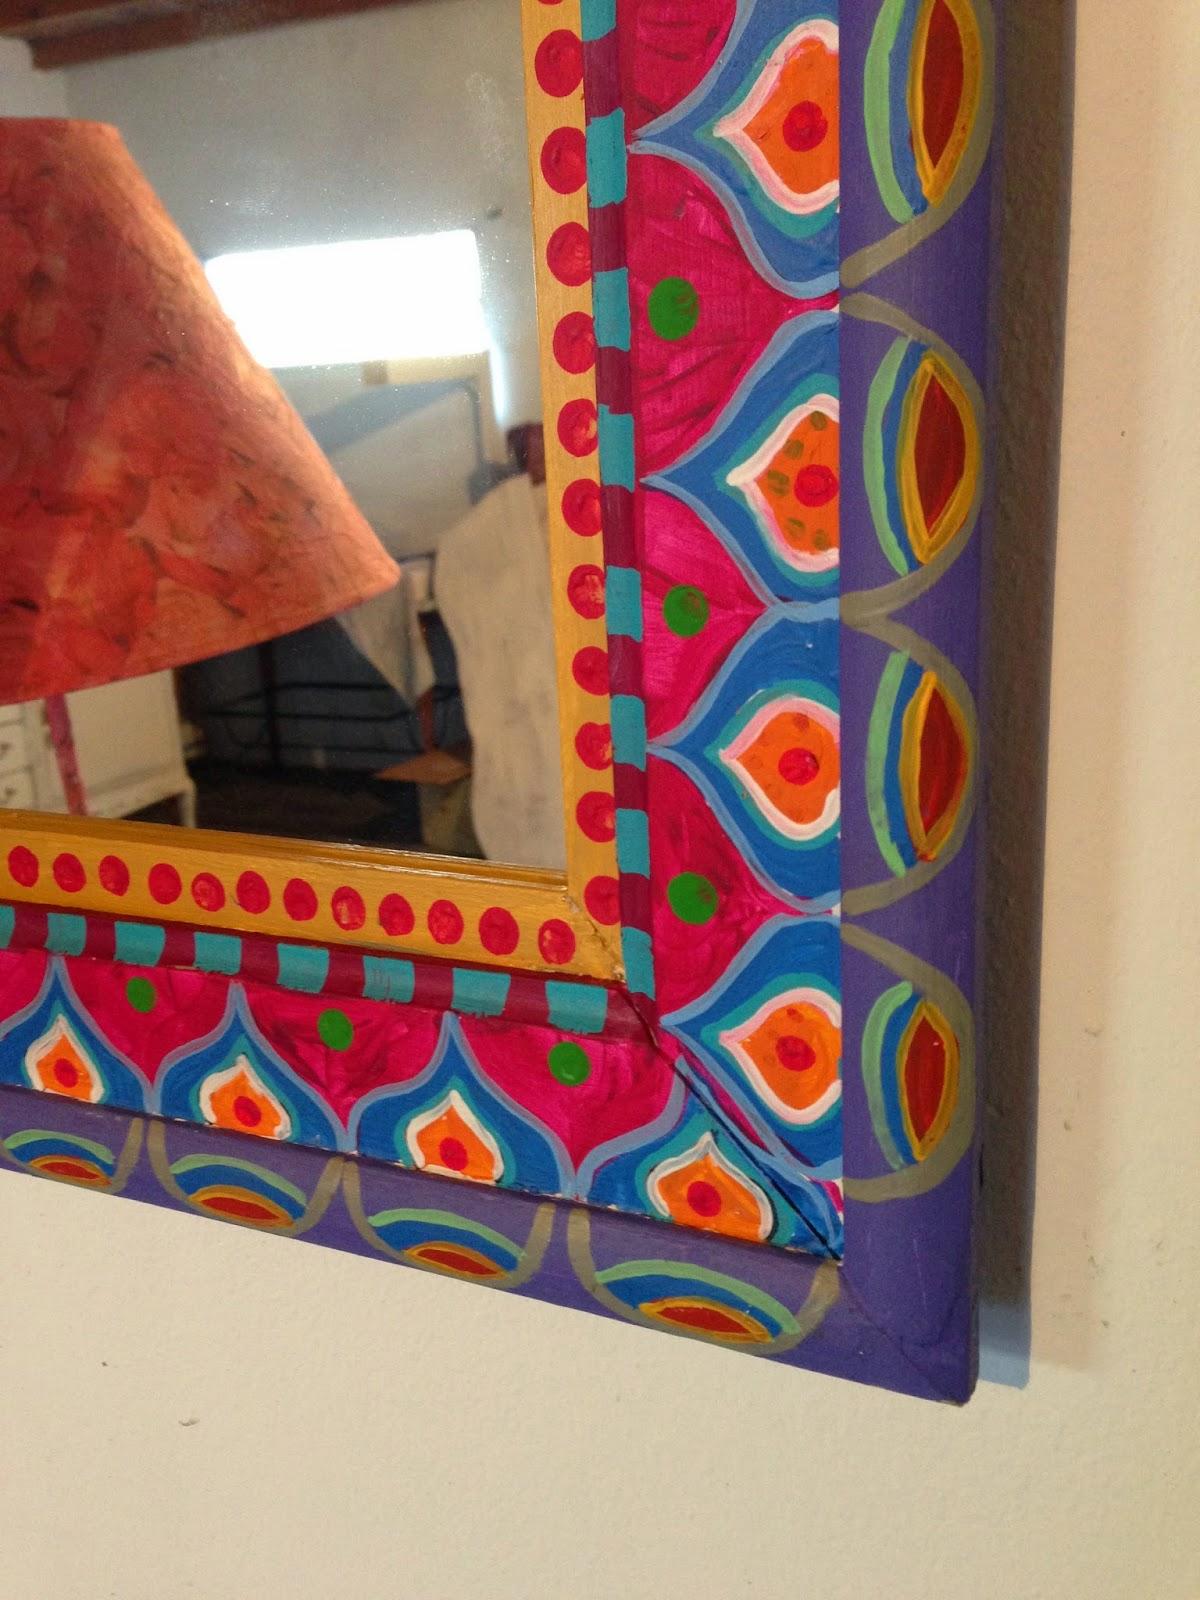 Vintouch muebles reciclados pintados a mano espejo - Espejos decorados a mano ...